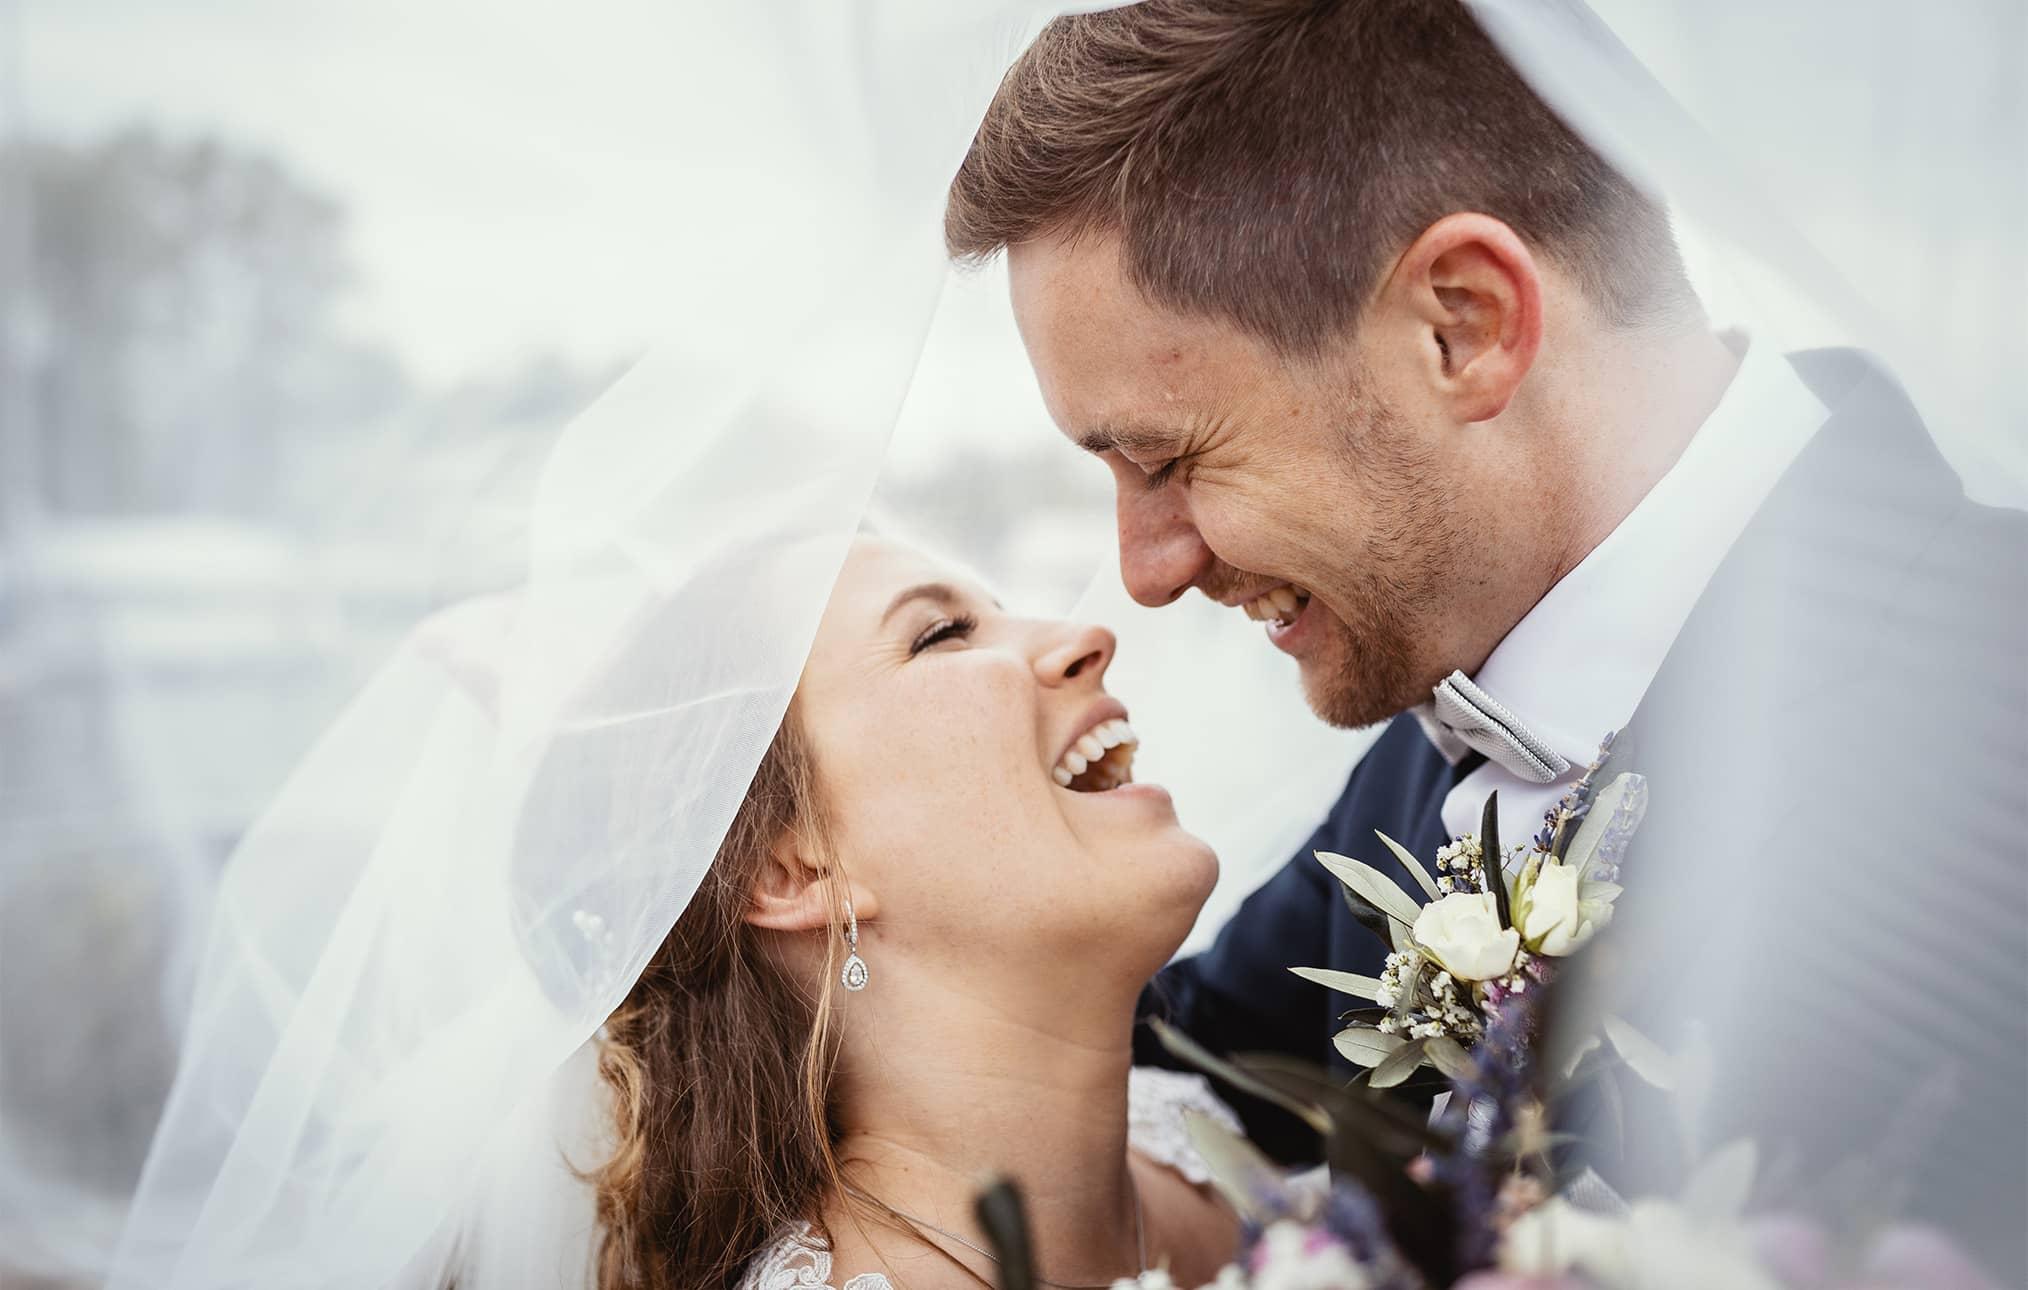 b-hochzeitsfotograf-murnau-brautpaar-lachen-braut-bräutigam-hochzeitsreportage.jpg